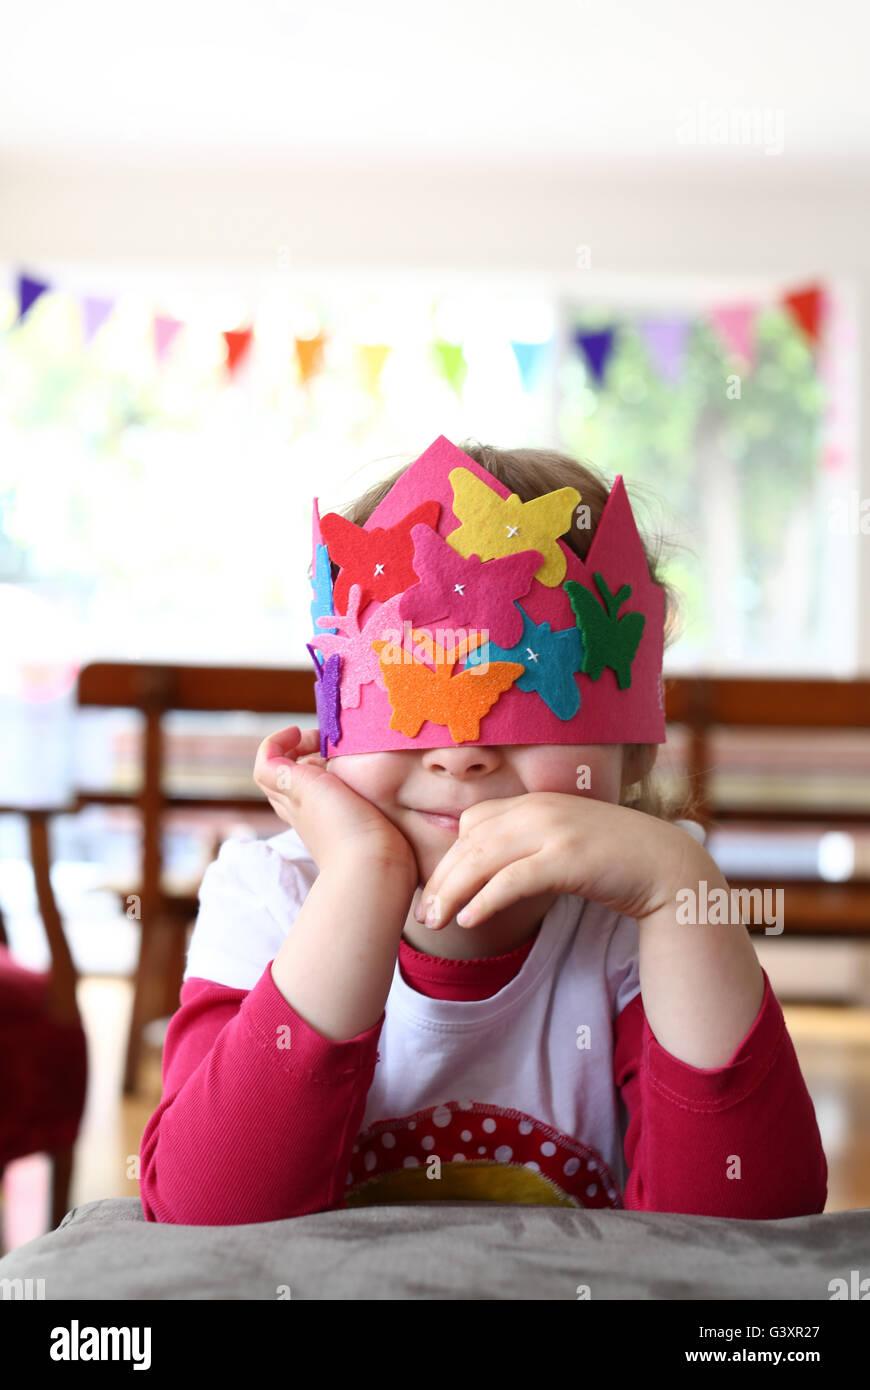 Jeune fille dans un party hat couvrant ses yeux Photo Stock